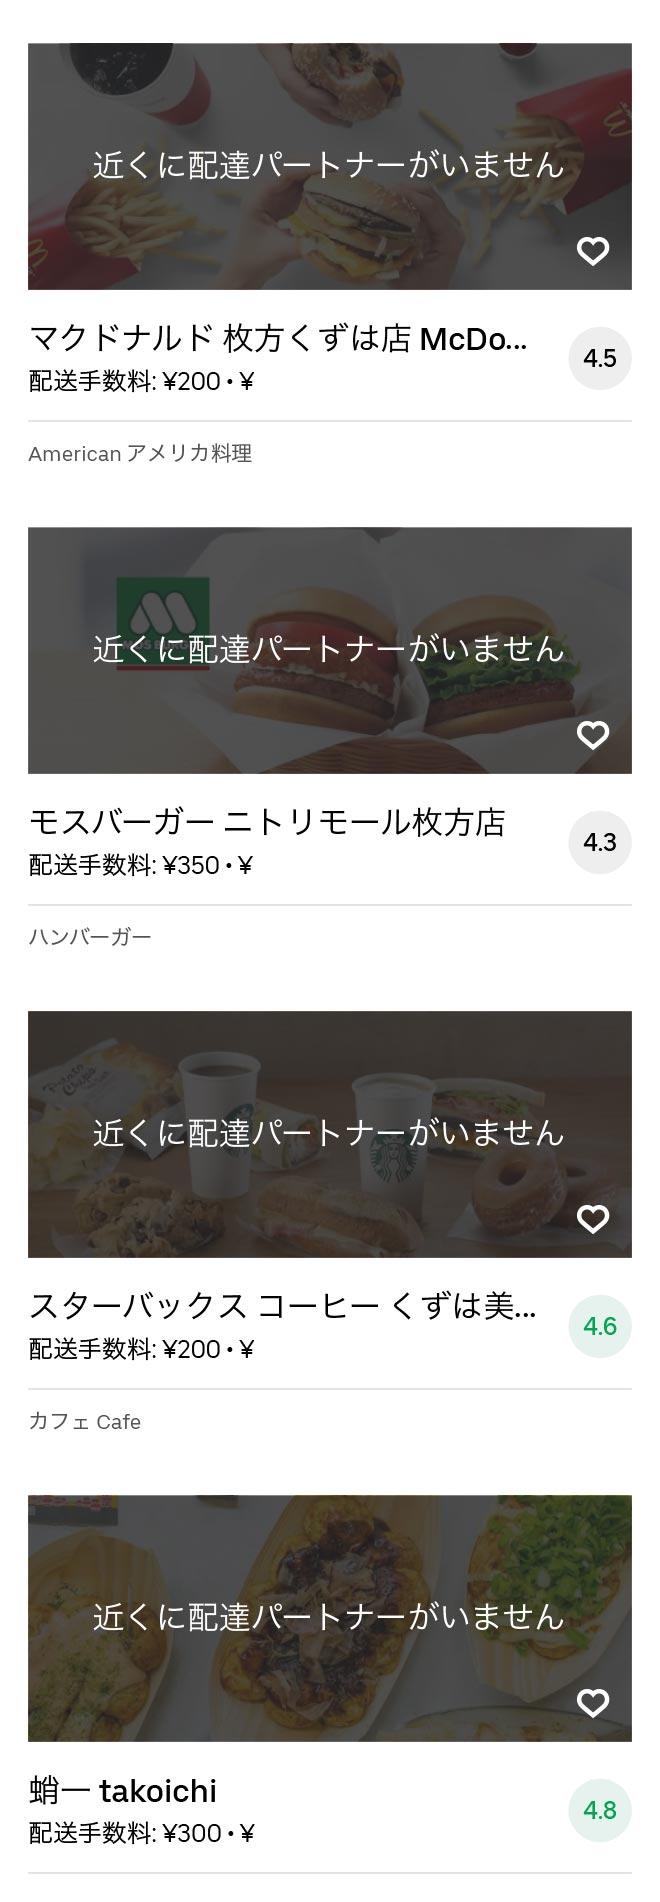 Kuzuha menu 2010 08